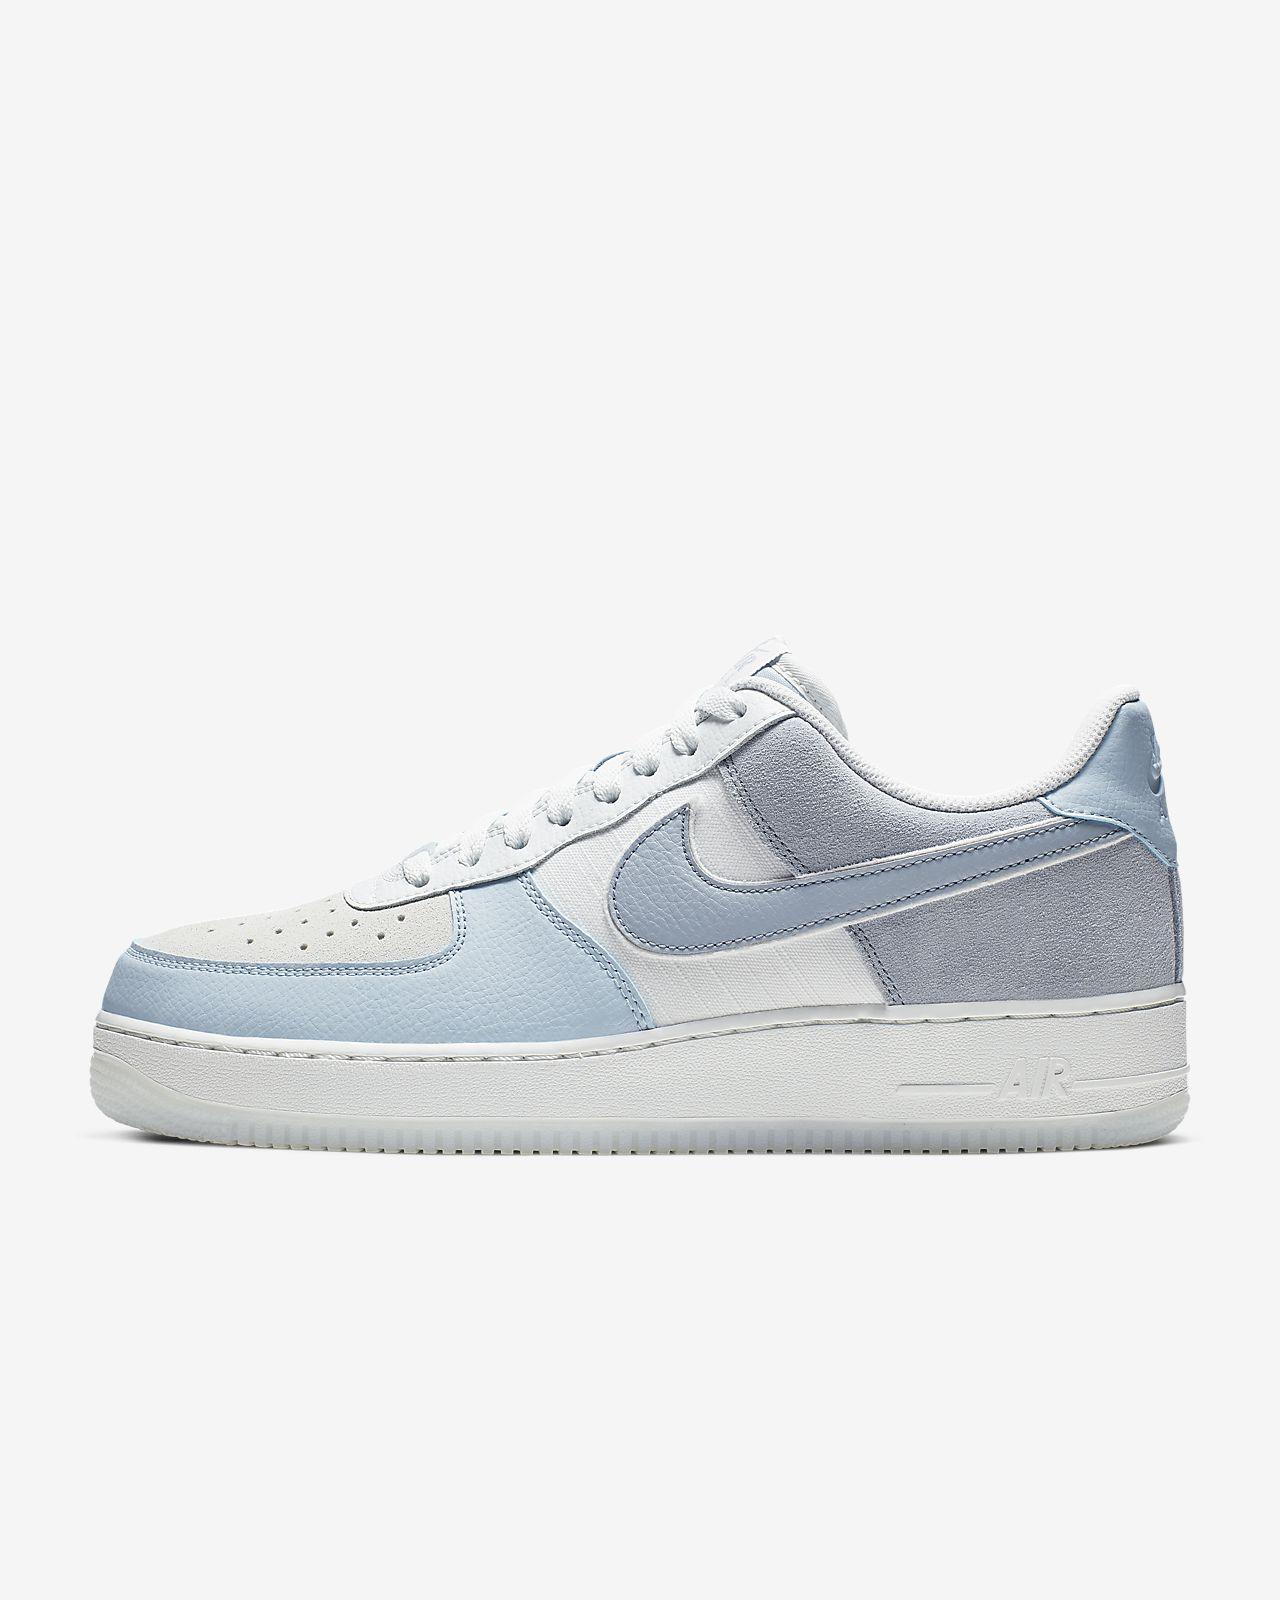 Nike Air Force 1 '07 LV8 2 Herenschoen